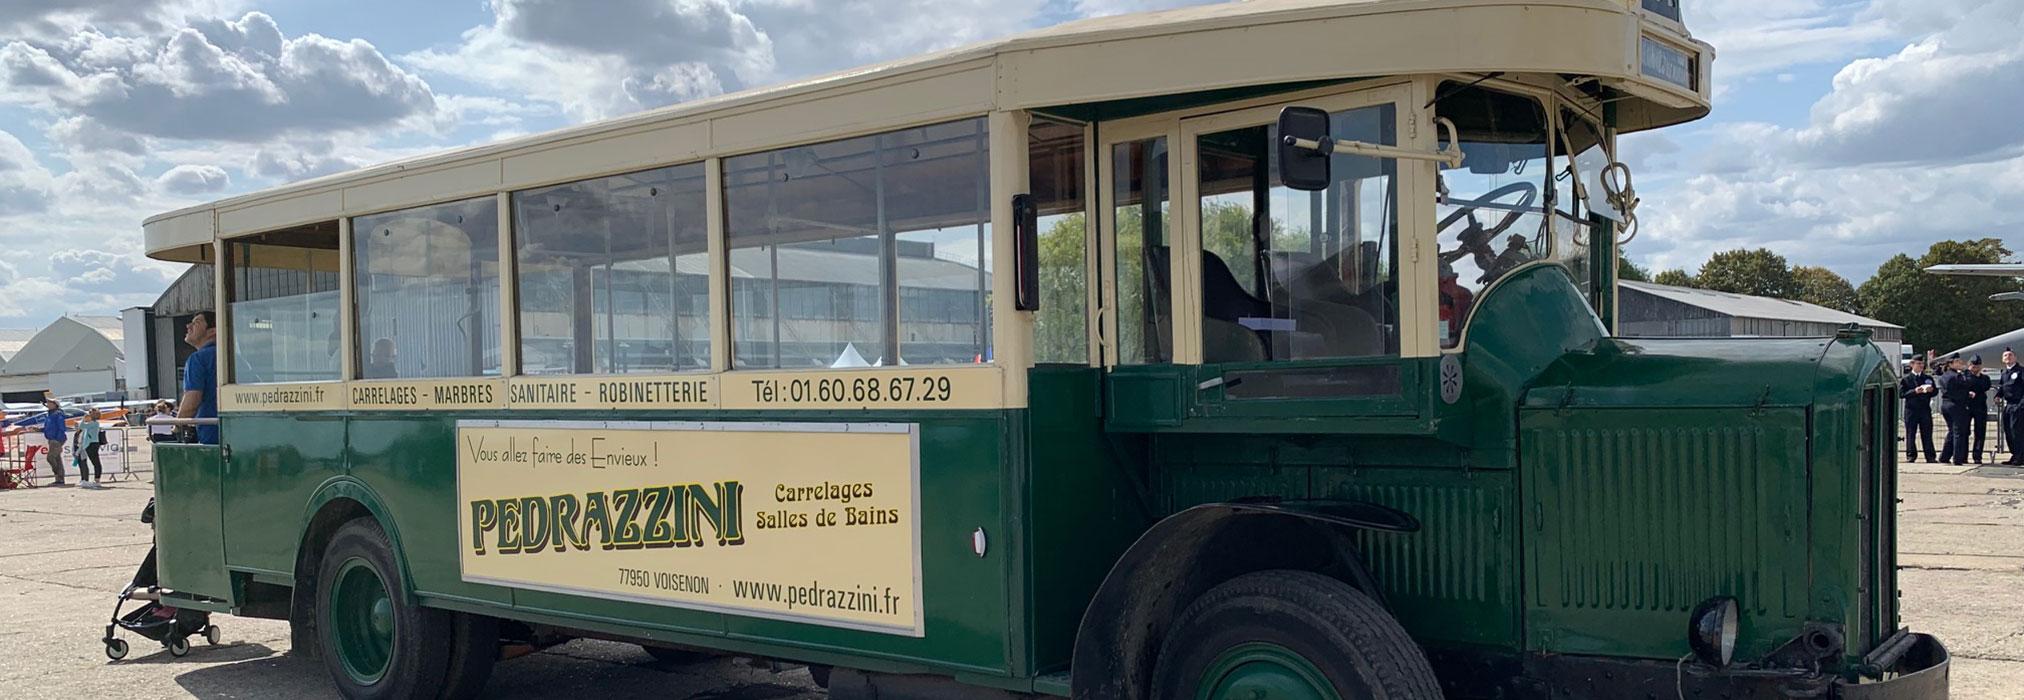 Le Bus Air Legend de Pedrazzini